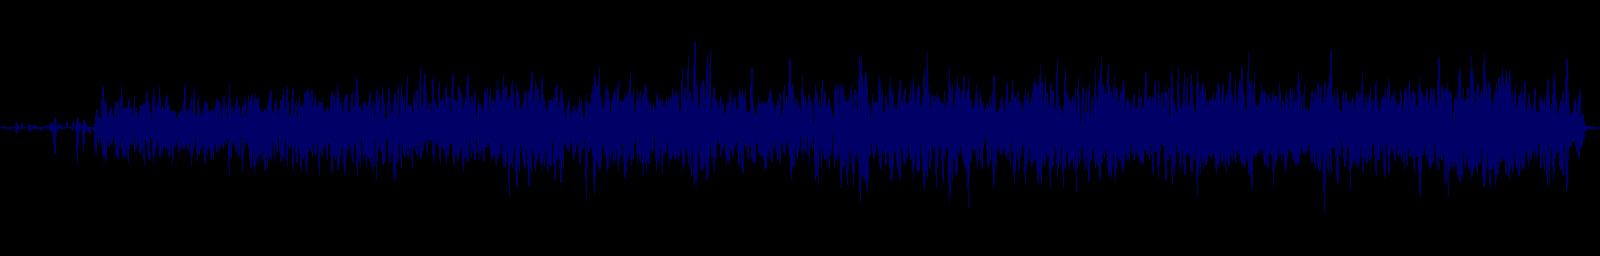 waveform of track #147823